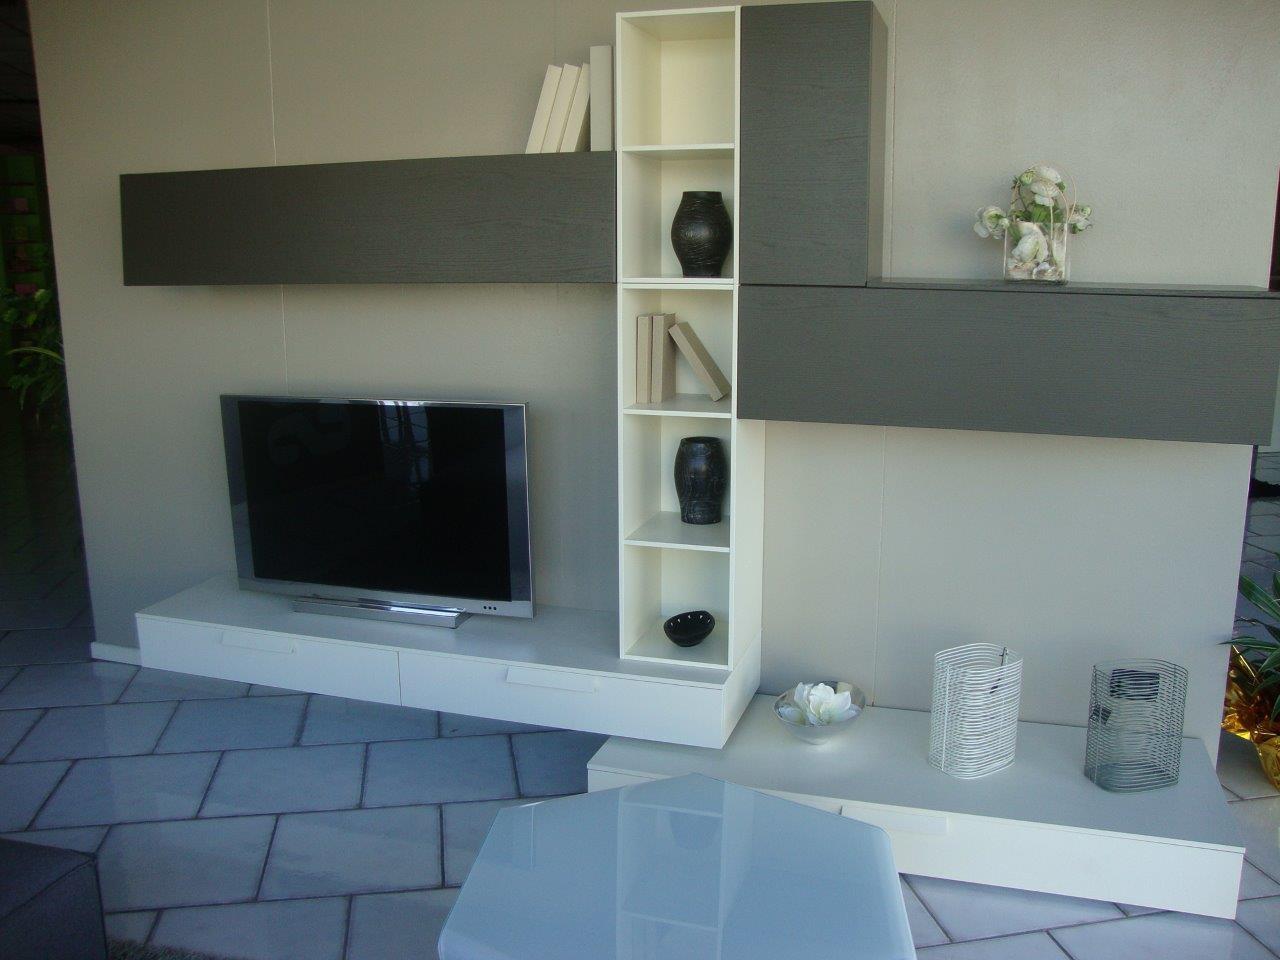 soggiorno moderno sangiacomo - non solo mobili: cucina, soggiorno .... soggiorno lampo ...